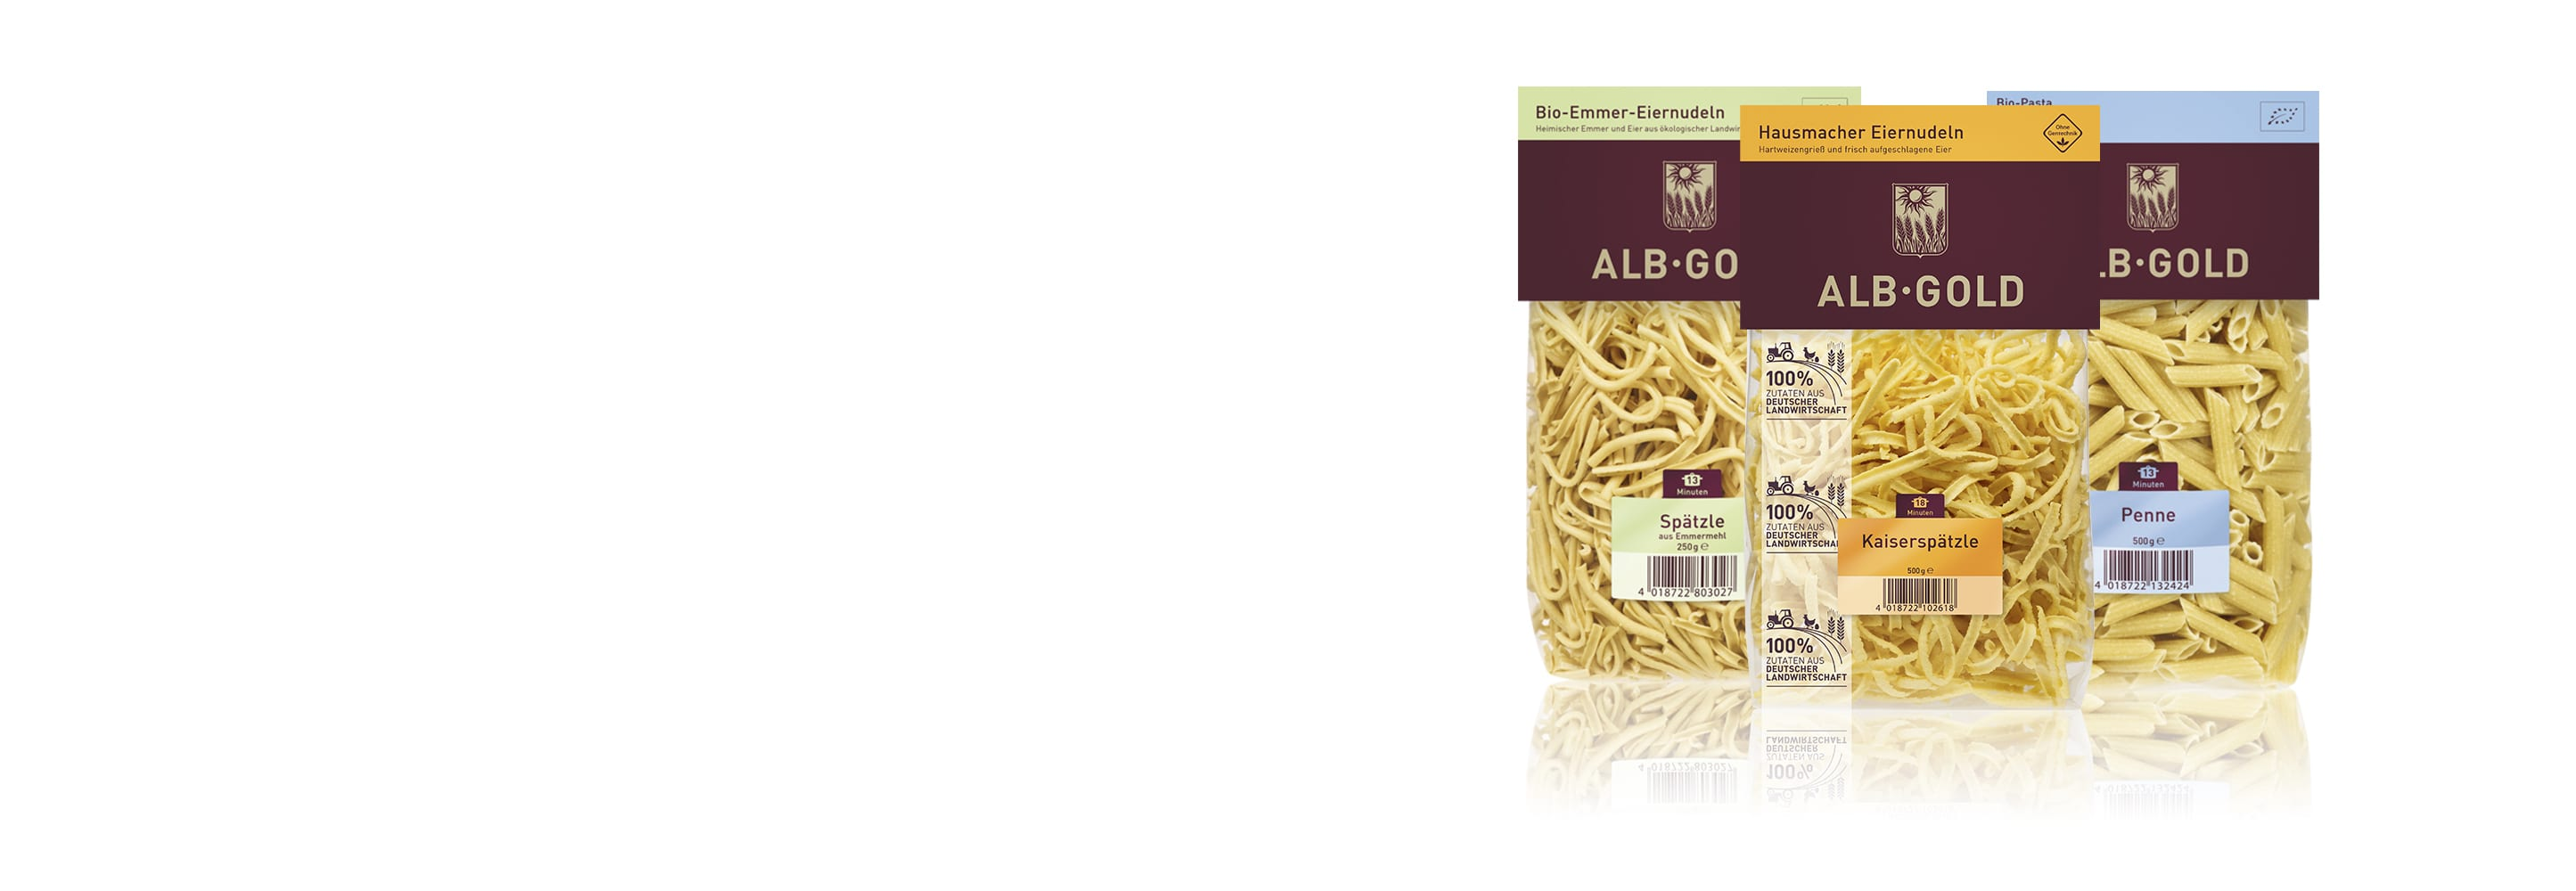 Alb-gold pasta - ØkoTaste - Økologiske specialiteter